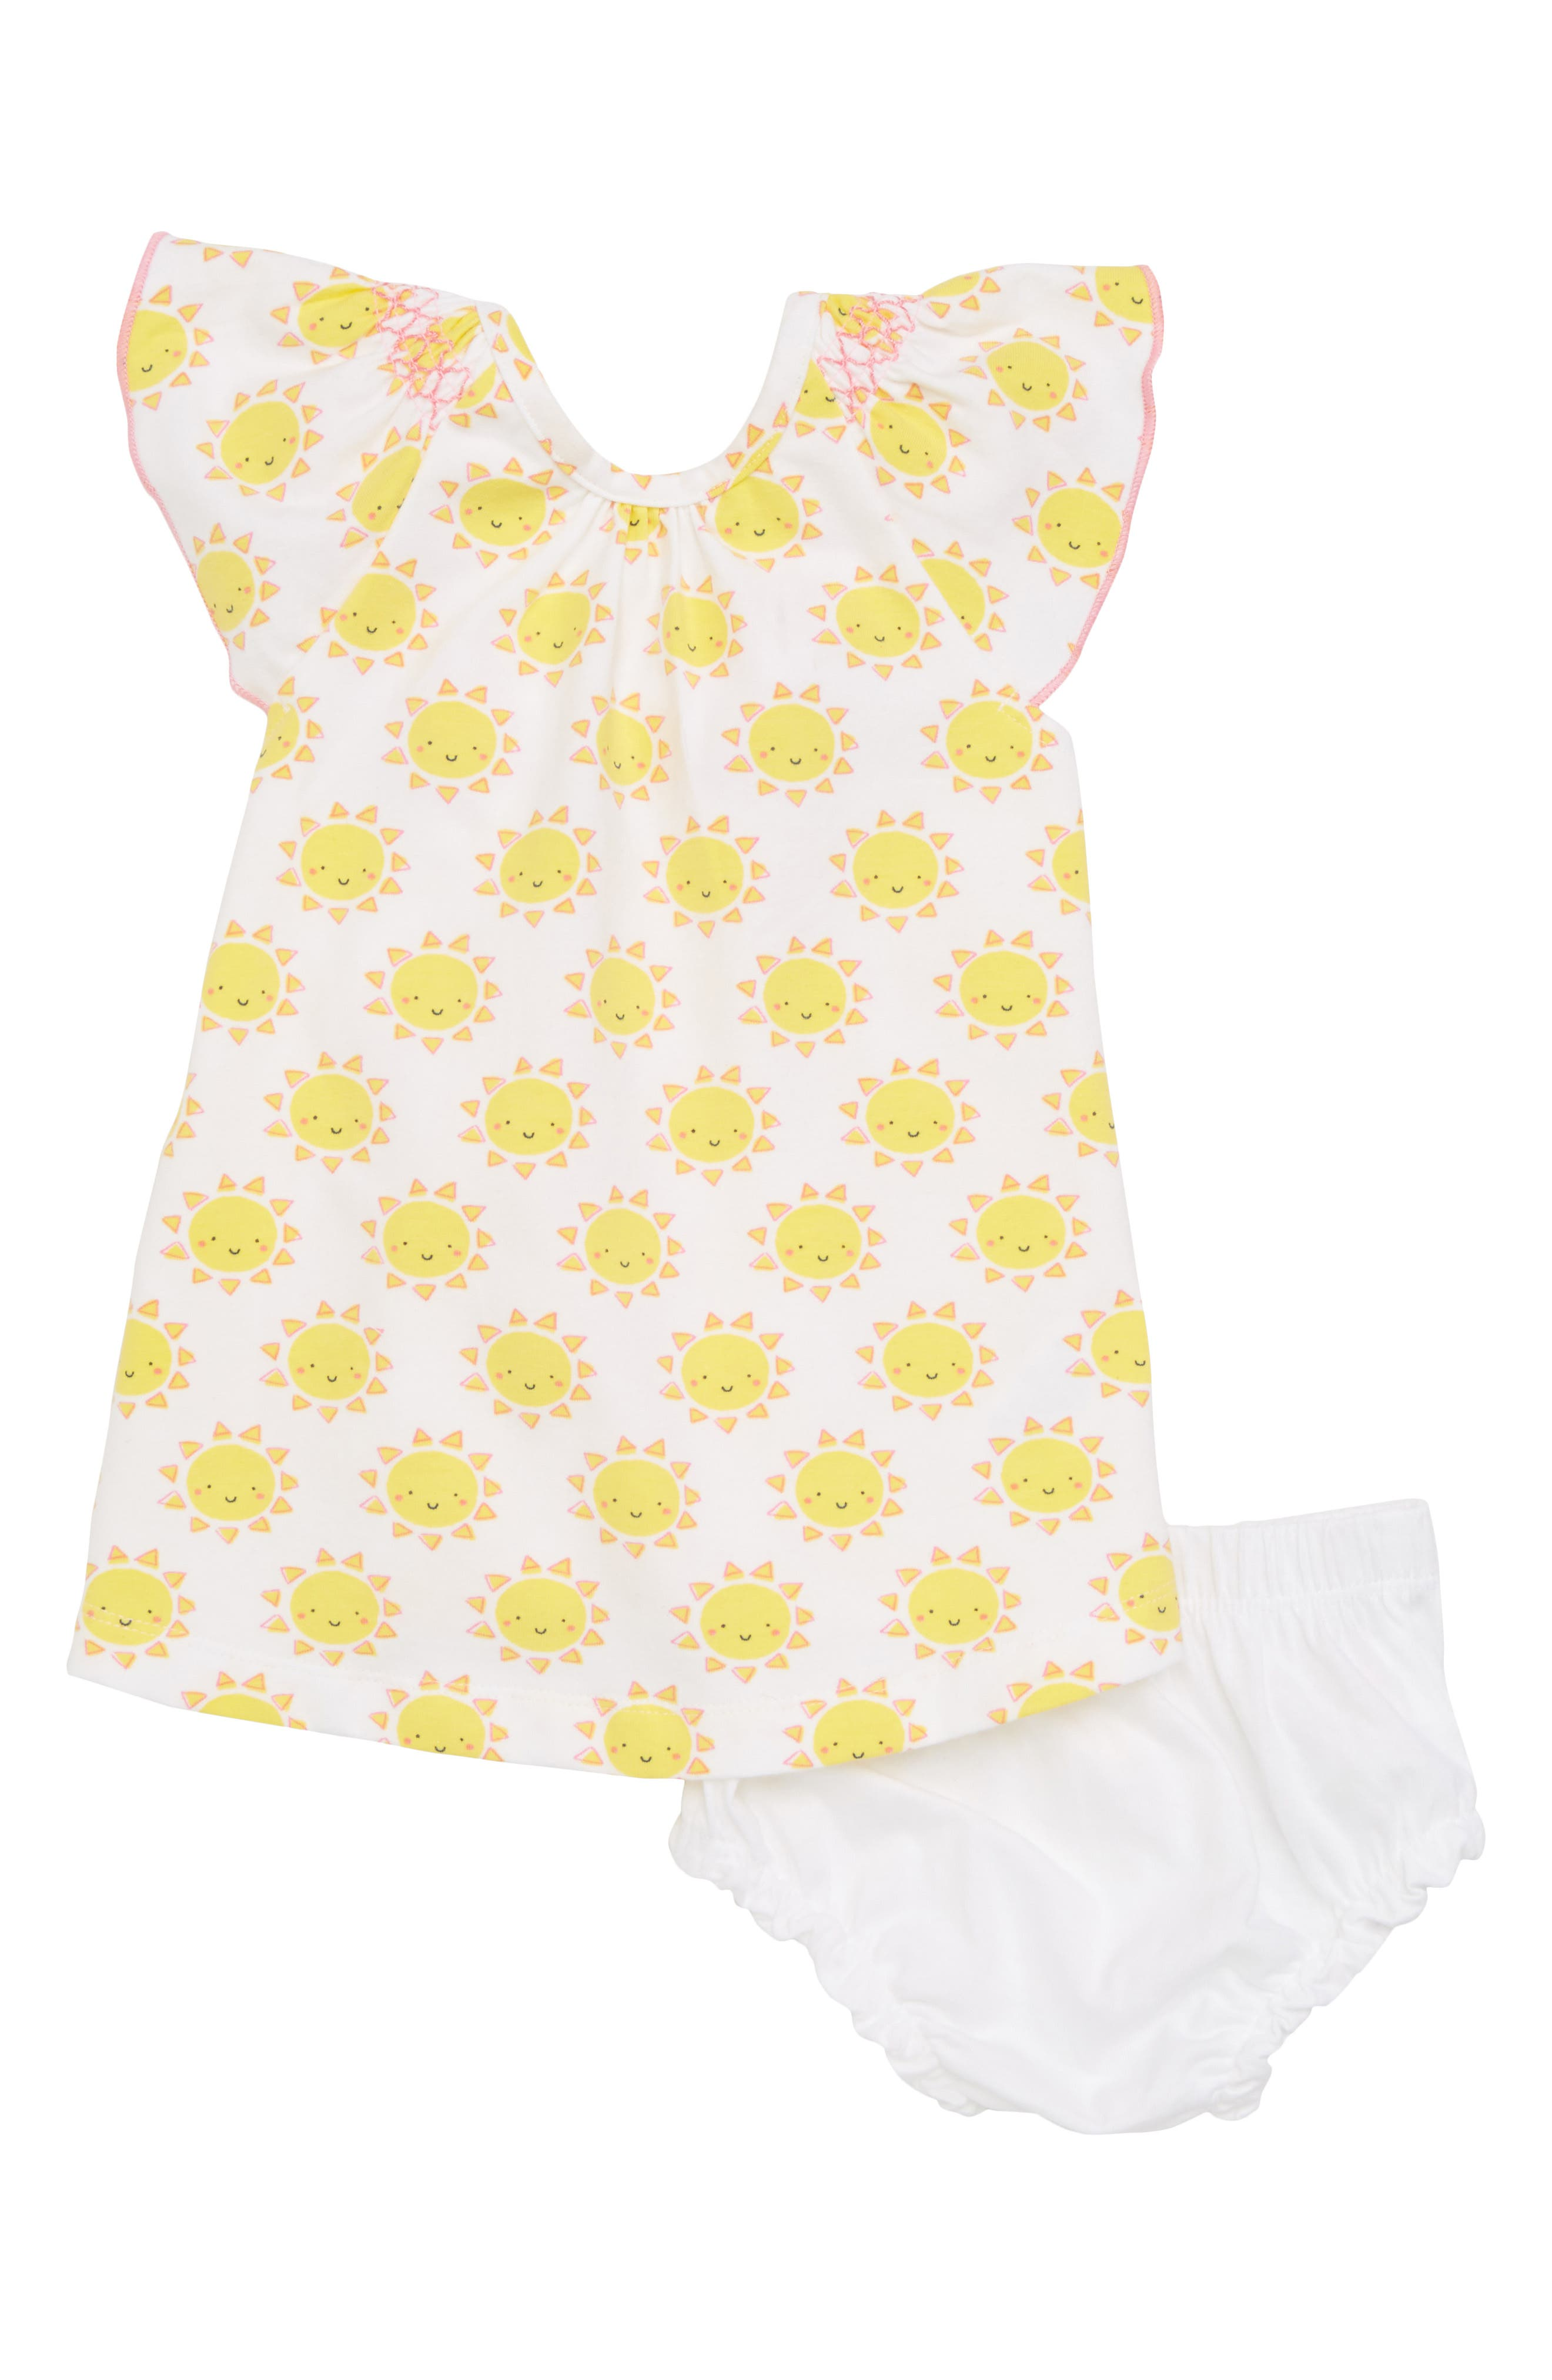 Merry Sunshine Dress,                             Main thumbnail 1, color,                             Merry Sunshine